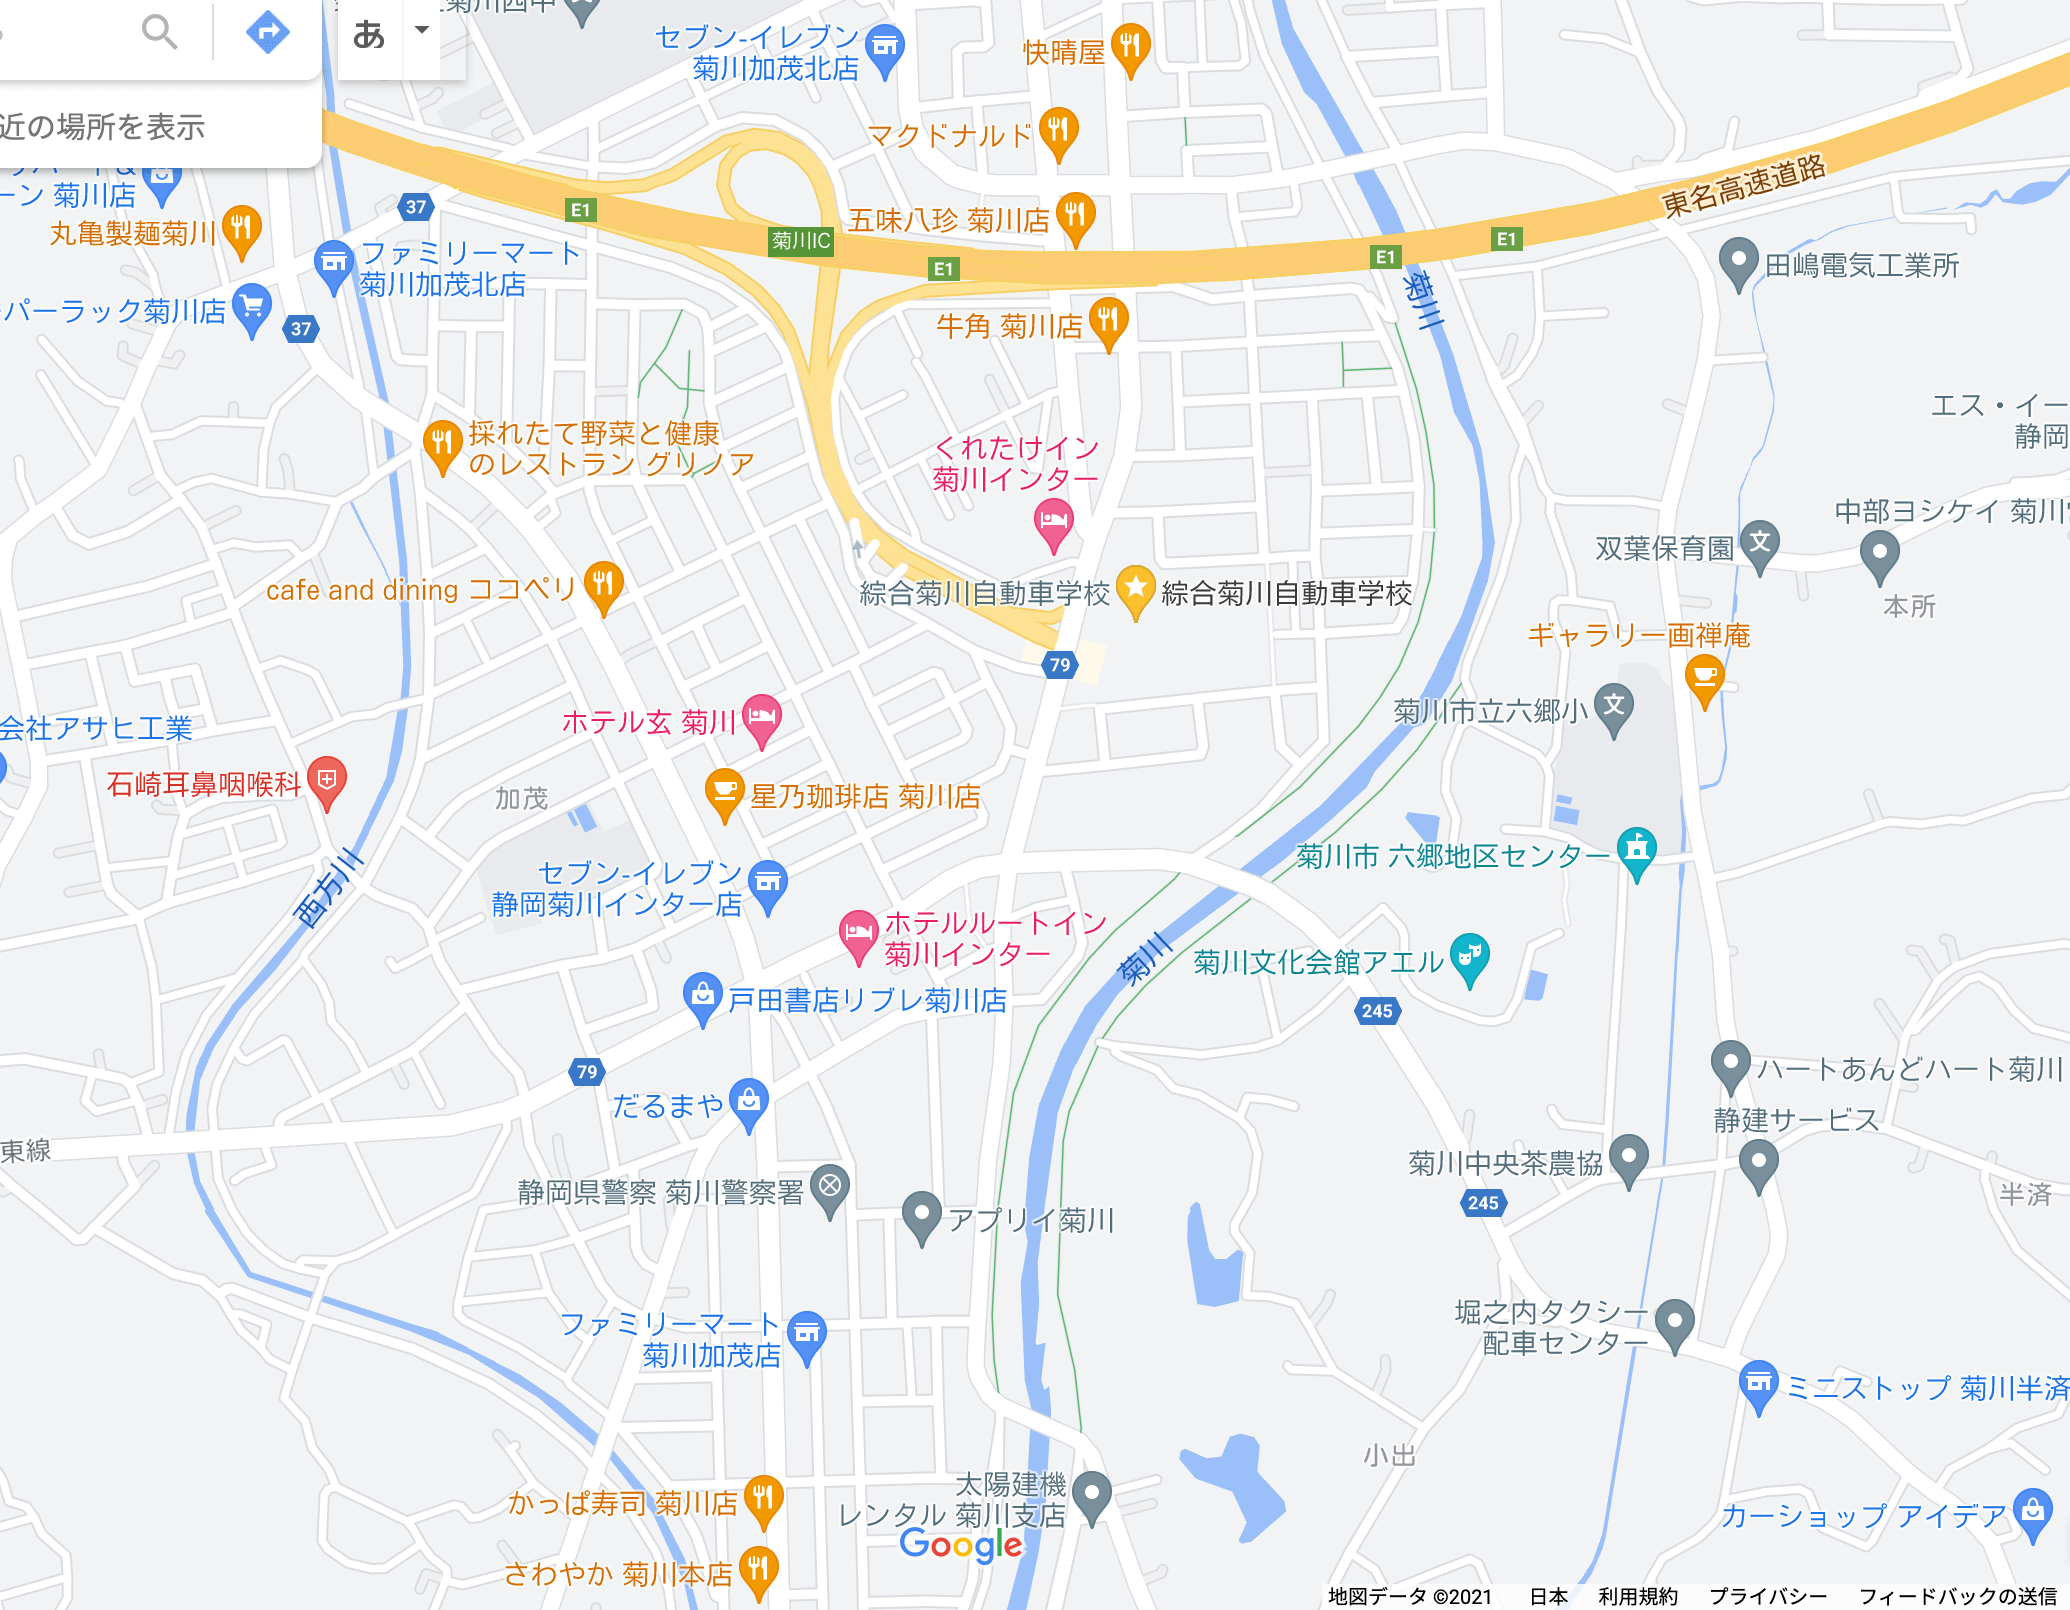 綜合菊川自動車学校 周辺